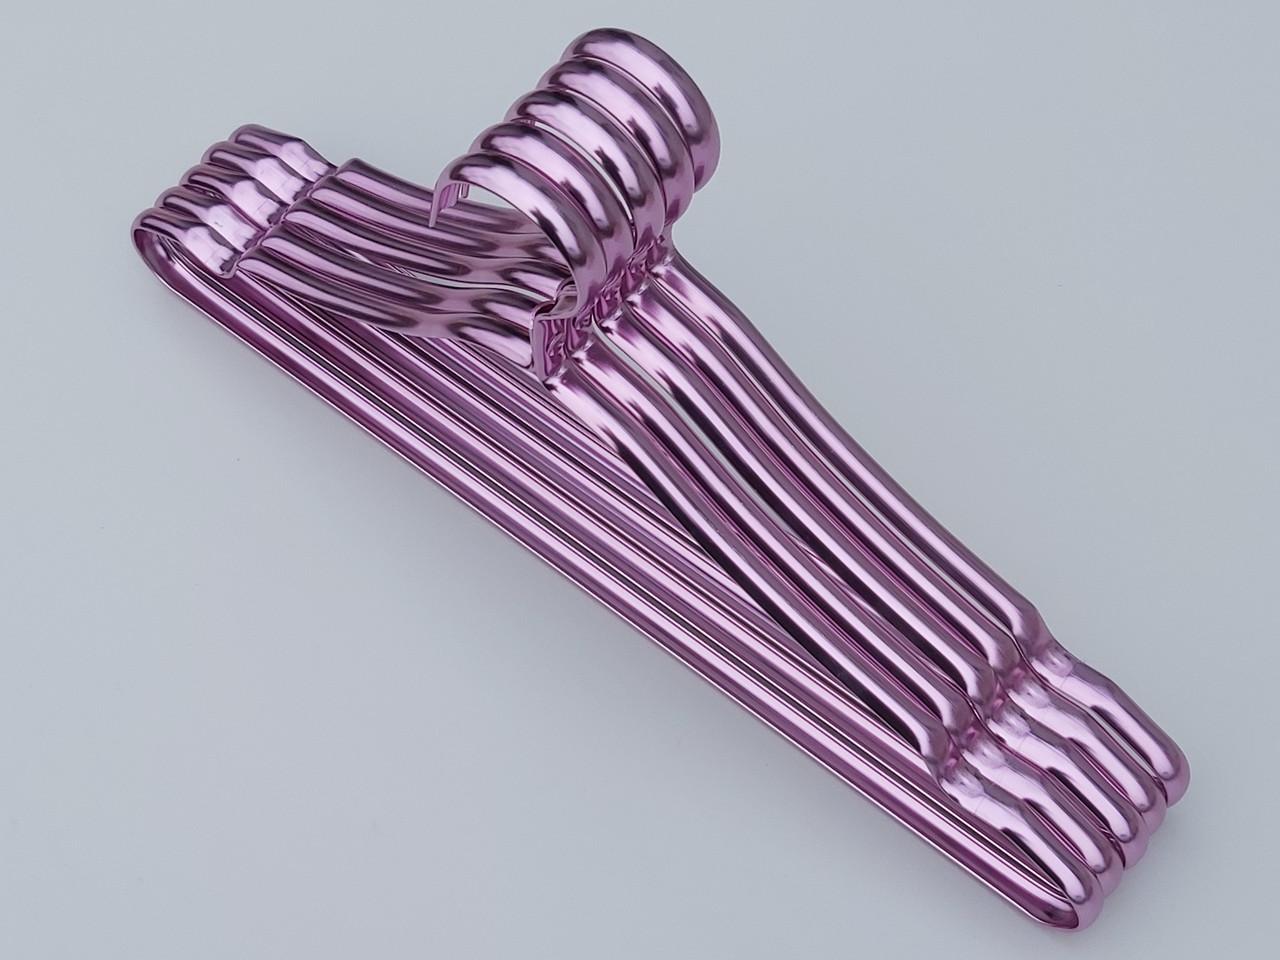 Плечики вешалки тремпеля металлические ПТ41 цвет фиолетовый металлик, длина 41 см, в упаковке 5 штук